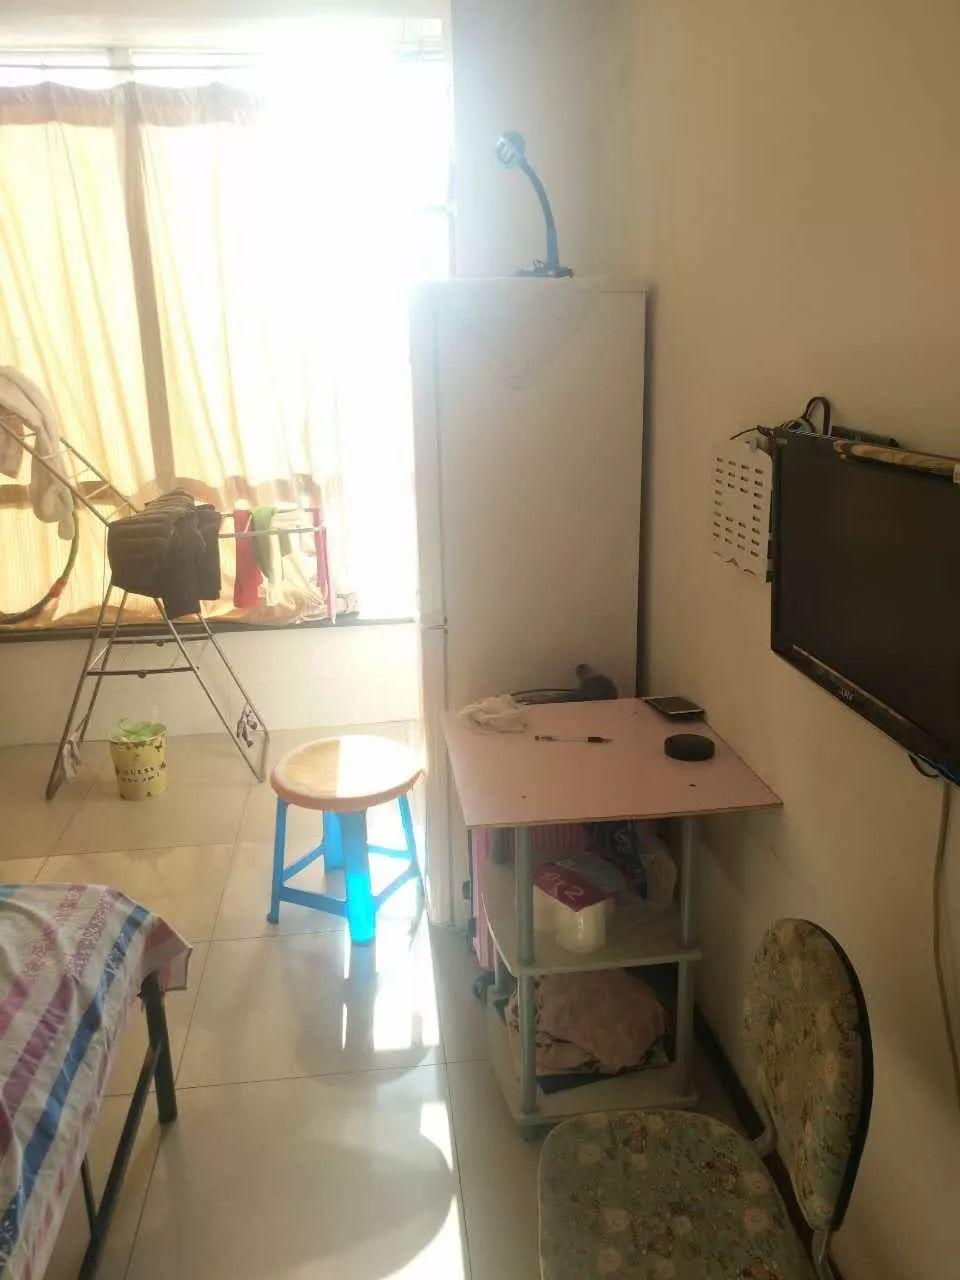 吉林大路站 交通便捷 价格便宜 1500每月 家具家电全